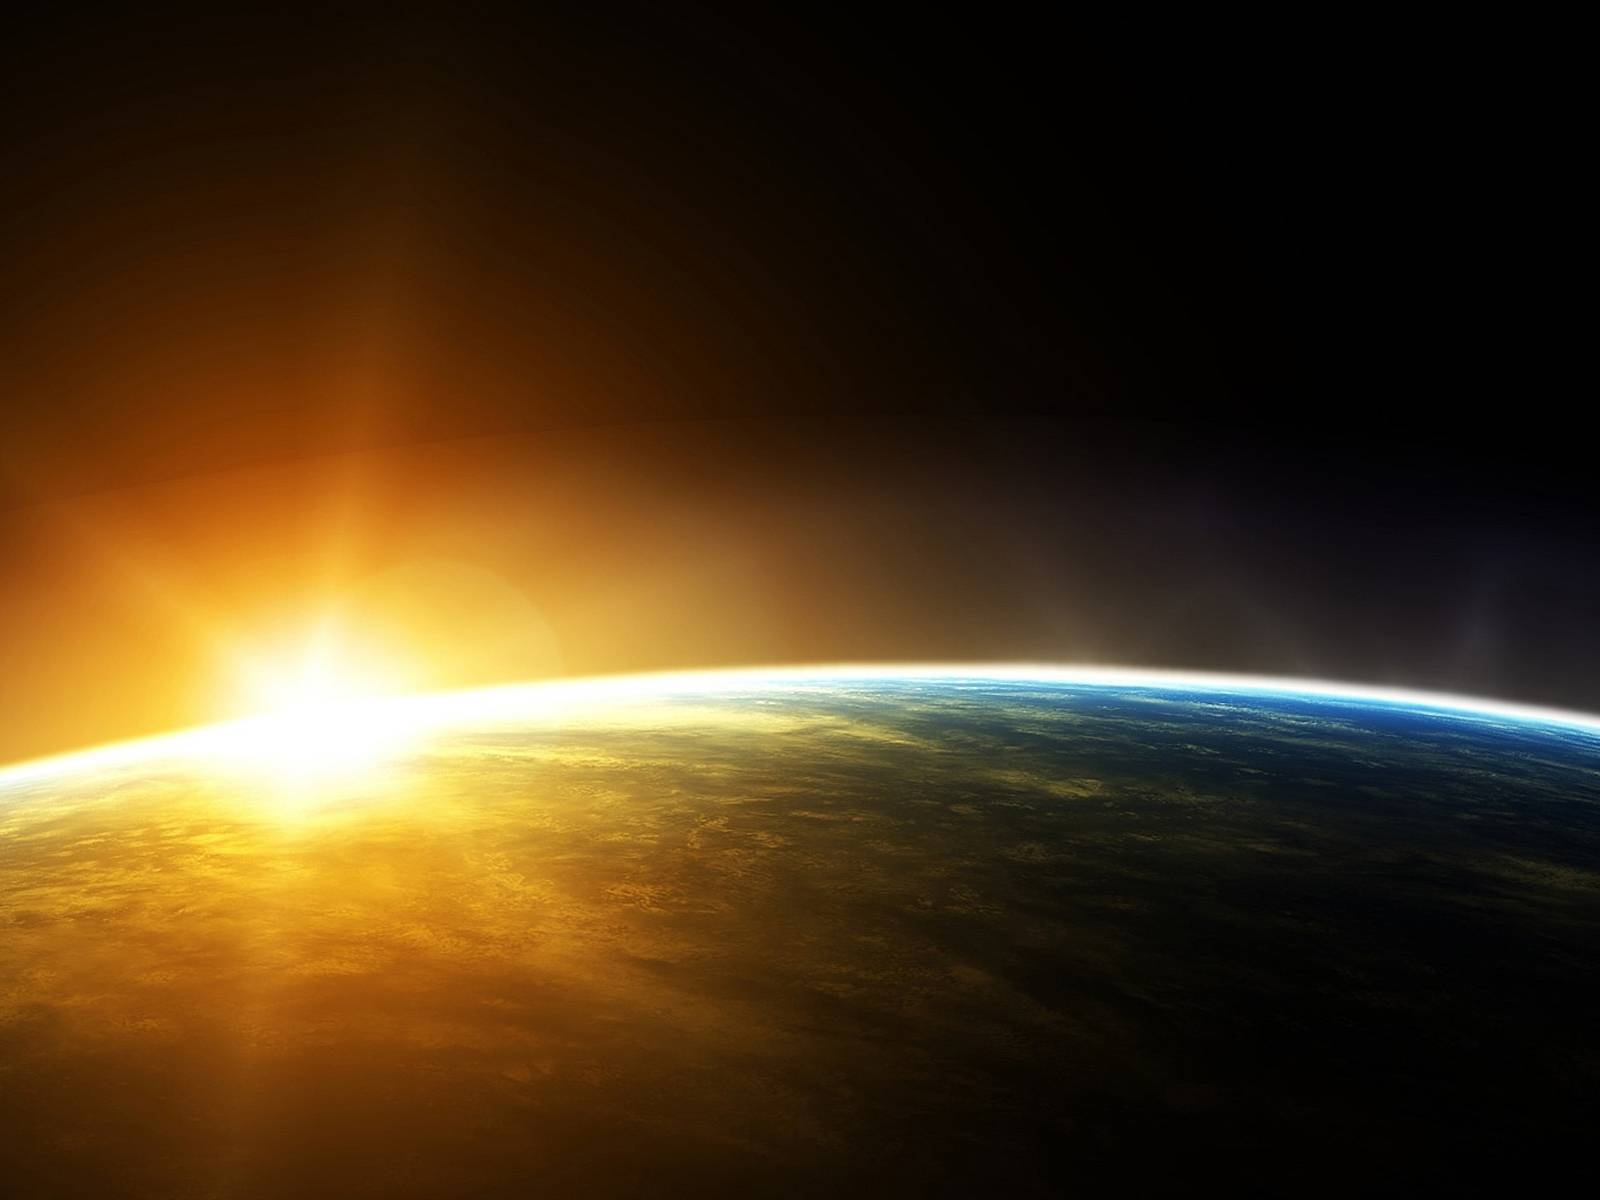 Психология: жизнь любовь смерть - бесплатные статьи по психологии в доме солнца